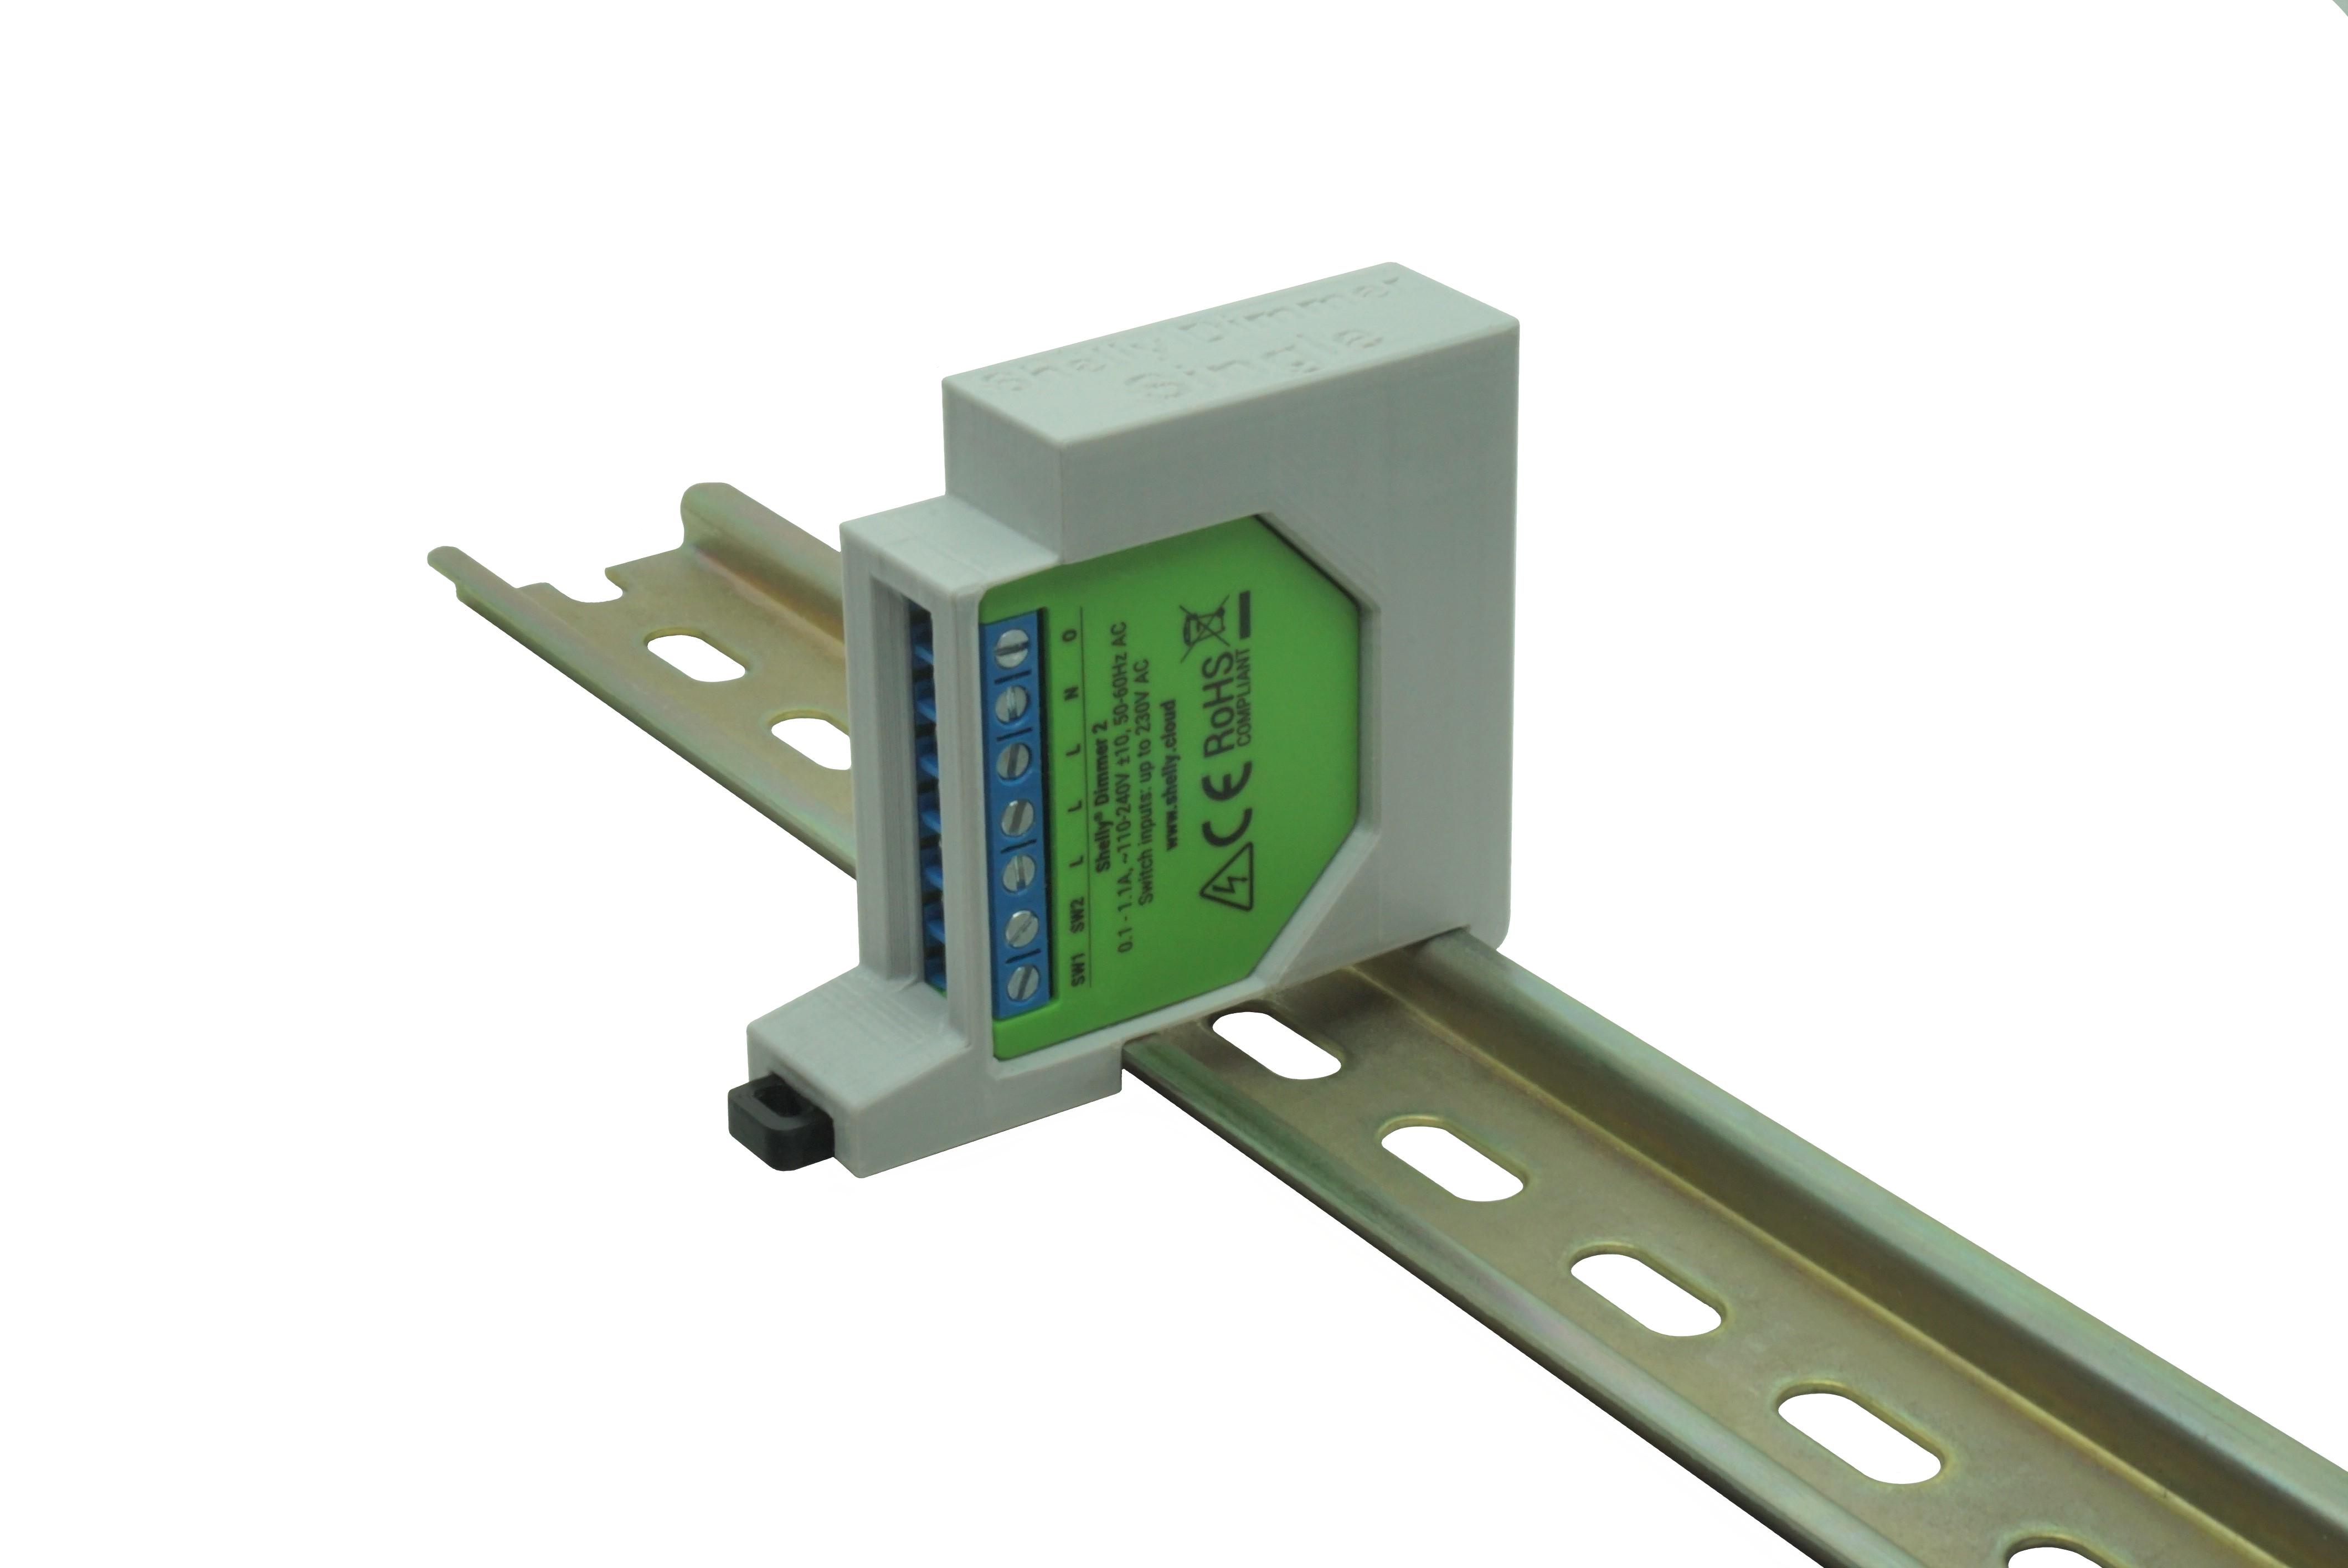 Hutschienenhalter / Adapter Single für Shelly Dimmer / Dimmer 2, für DIN Schiene 35mm, Farbe: Grau